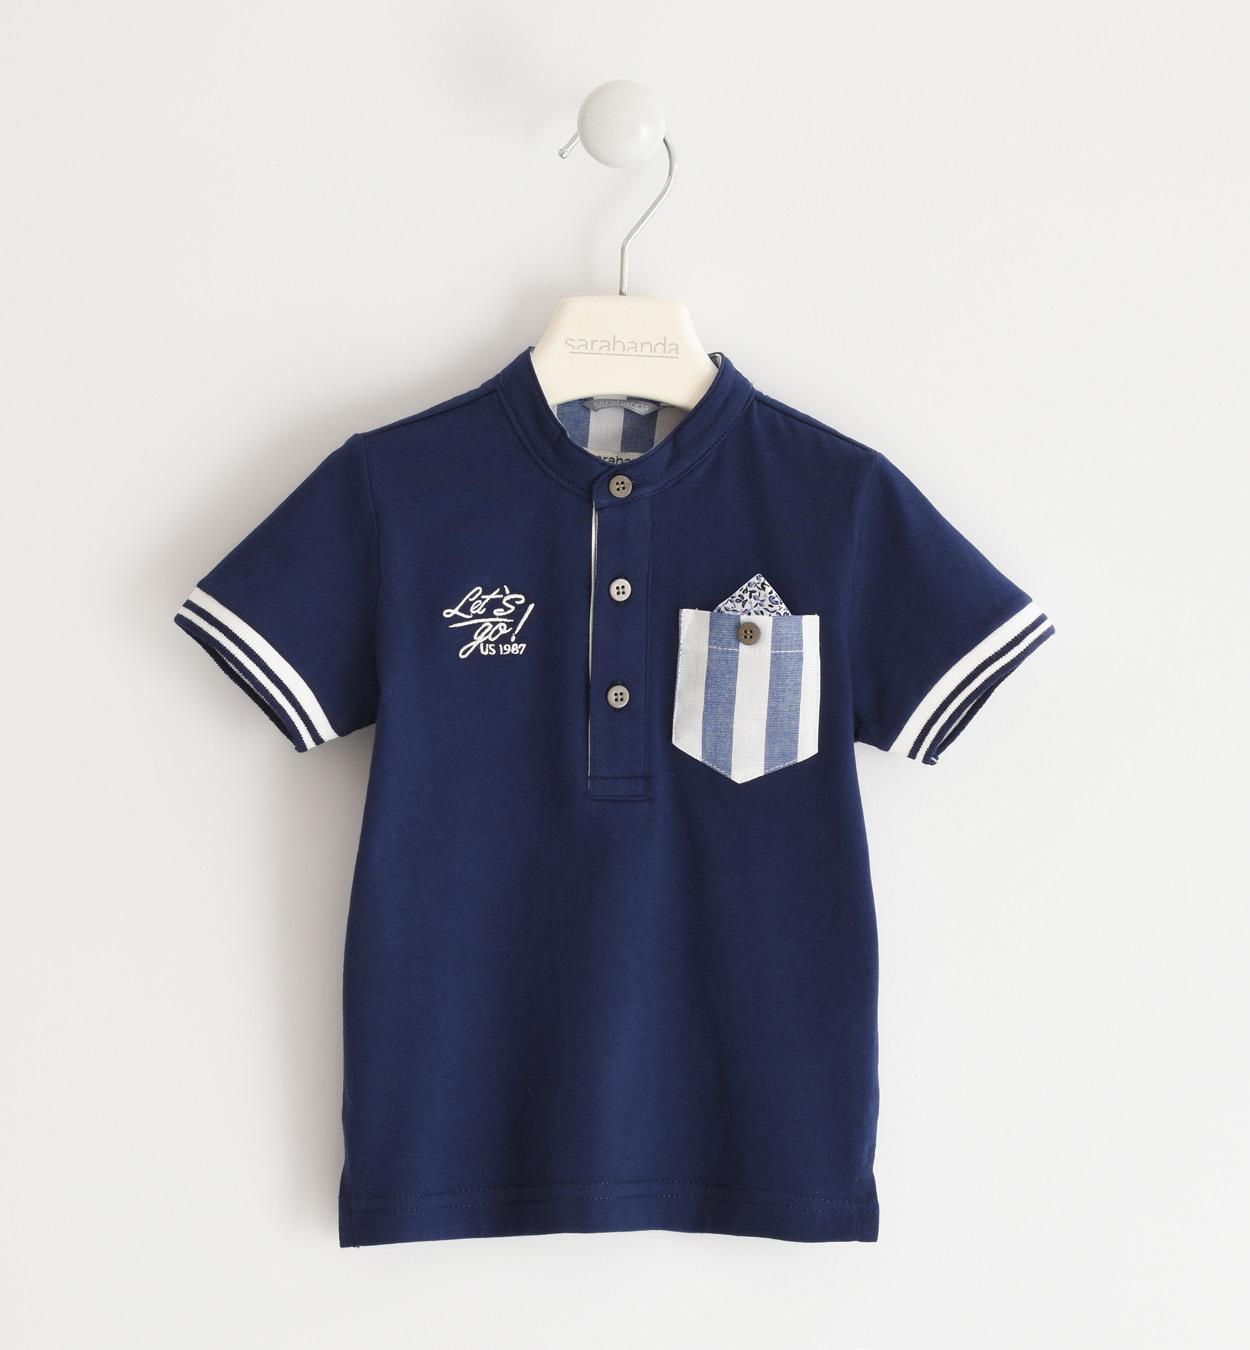 Sarabanda kék póló csíkos zsebbel